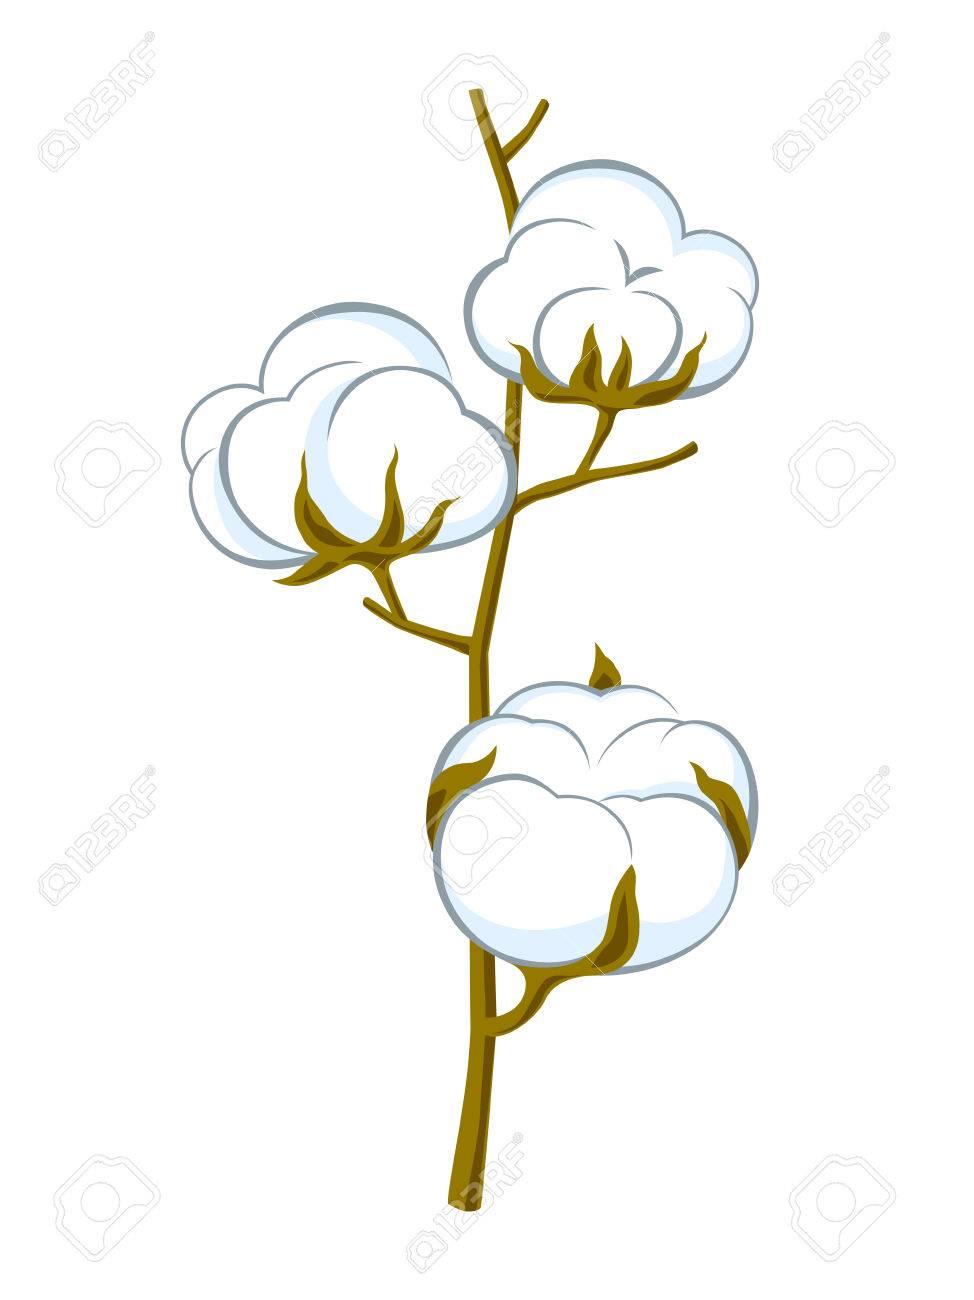 cotton brunch on white background.